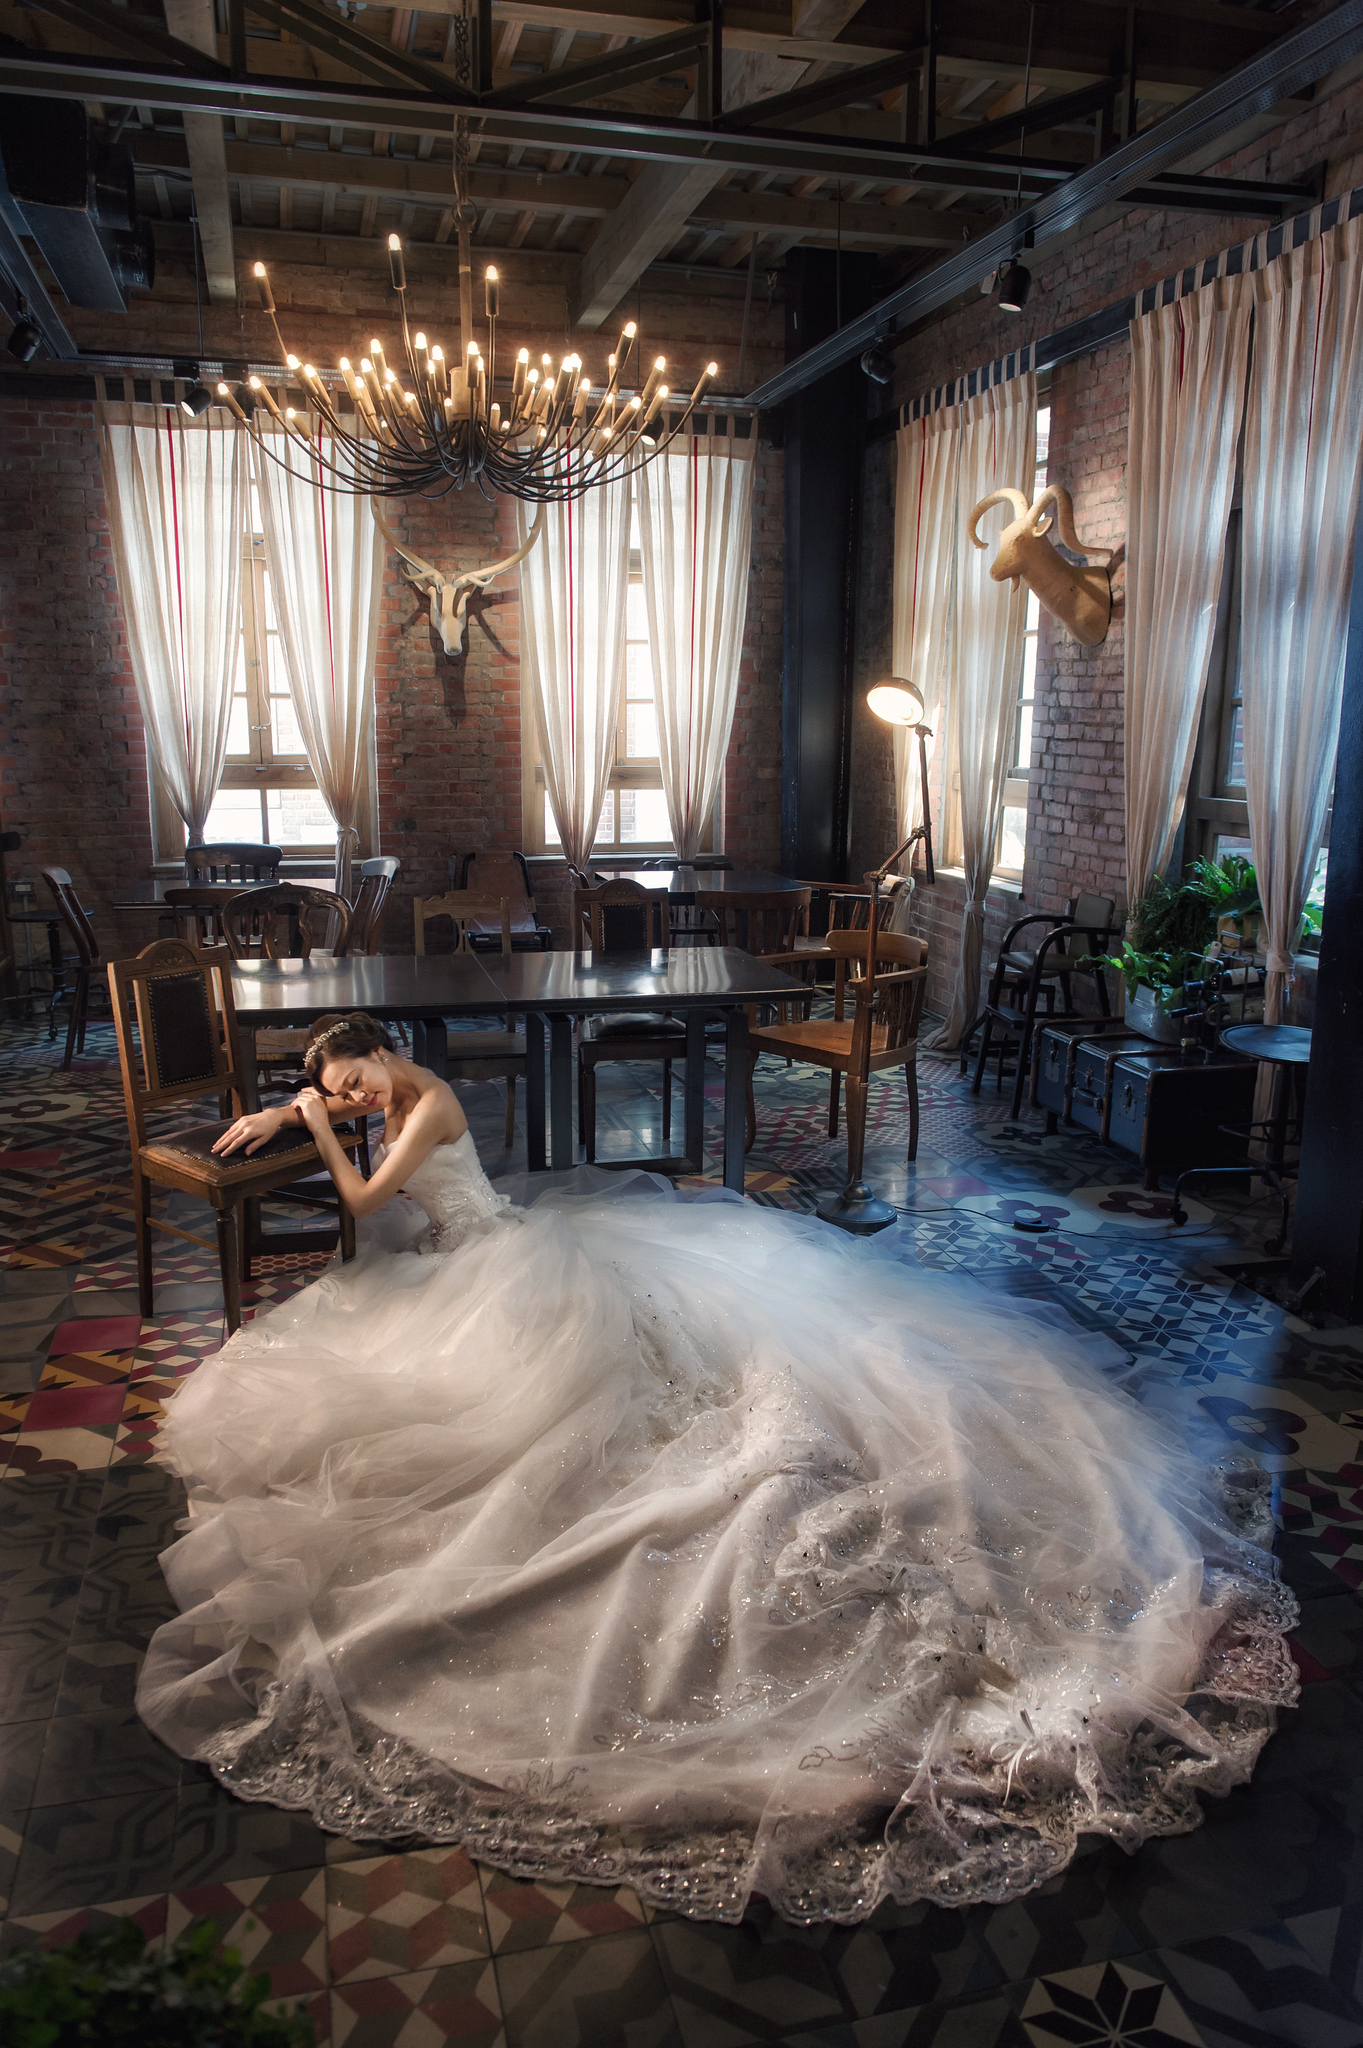 東法風格婚紗, EW, 巴黎婚紗, 自助婚紗, 自主婚紗, 台北婚攝, 台灣攝影師, Donfer